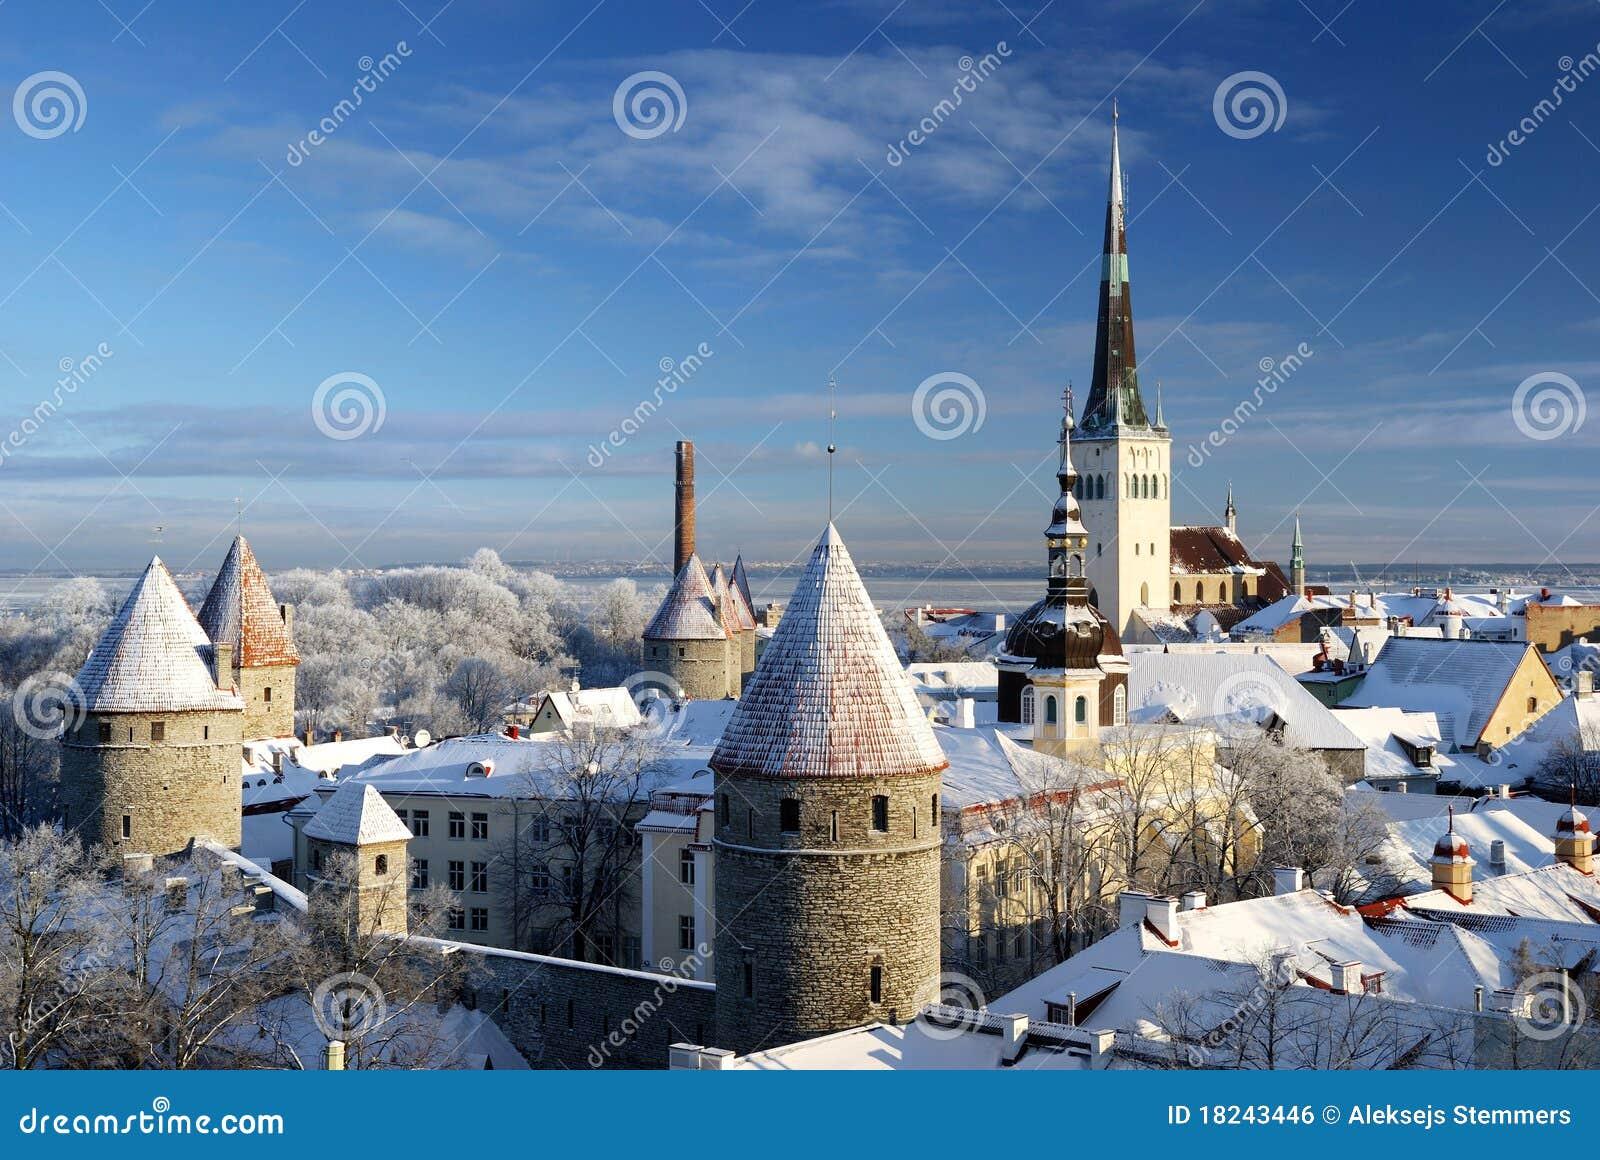 Ciudad de Tallinn. Estonia. Nieve en árboles en invierno